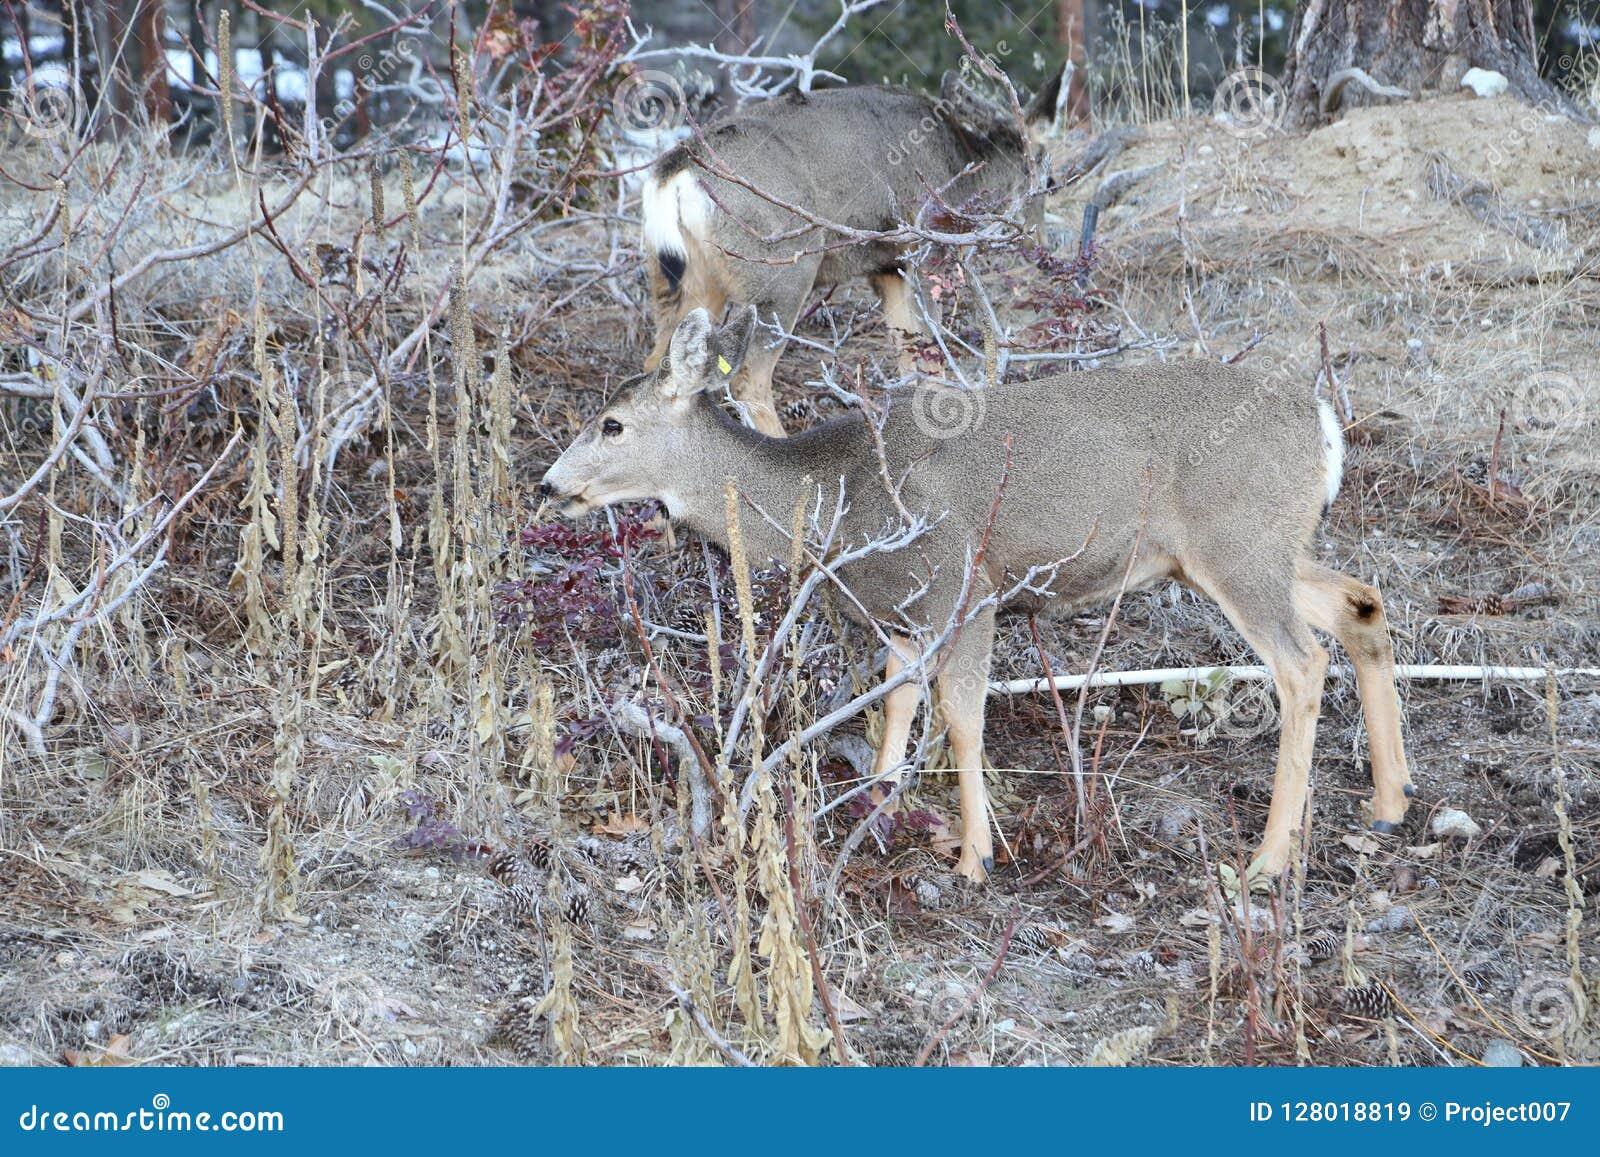 Jagdjahreszeit Rotwild- und Elchthemen sind für die Jagd oder Wildnisanschlagtafeln oder -zeitschriften populär